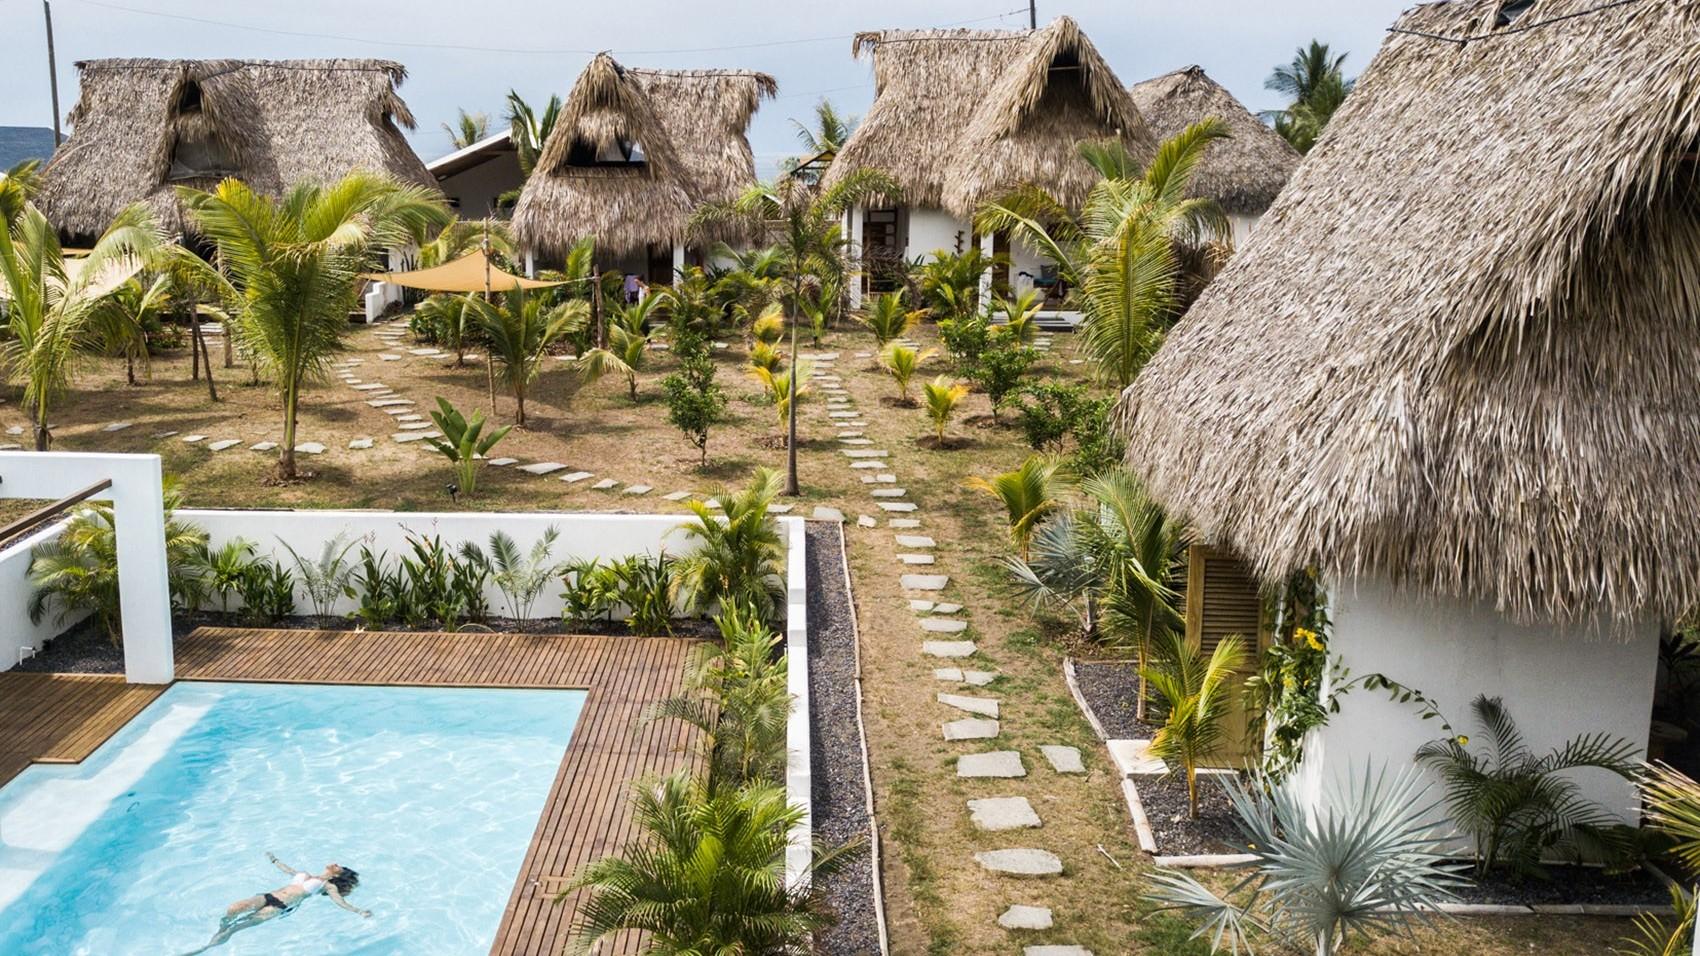 危地马拉的水疗度假酒店:泳池套房与别墅打造海滨度假胜地